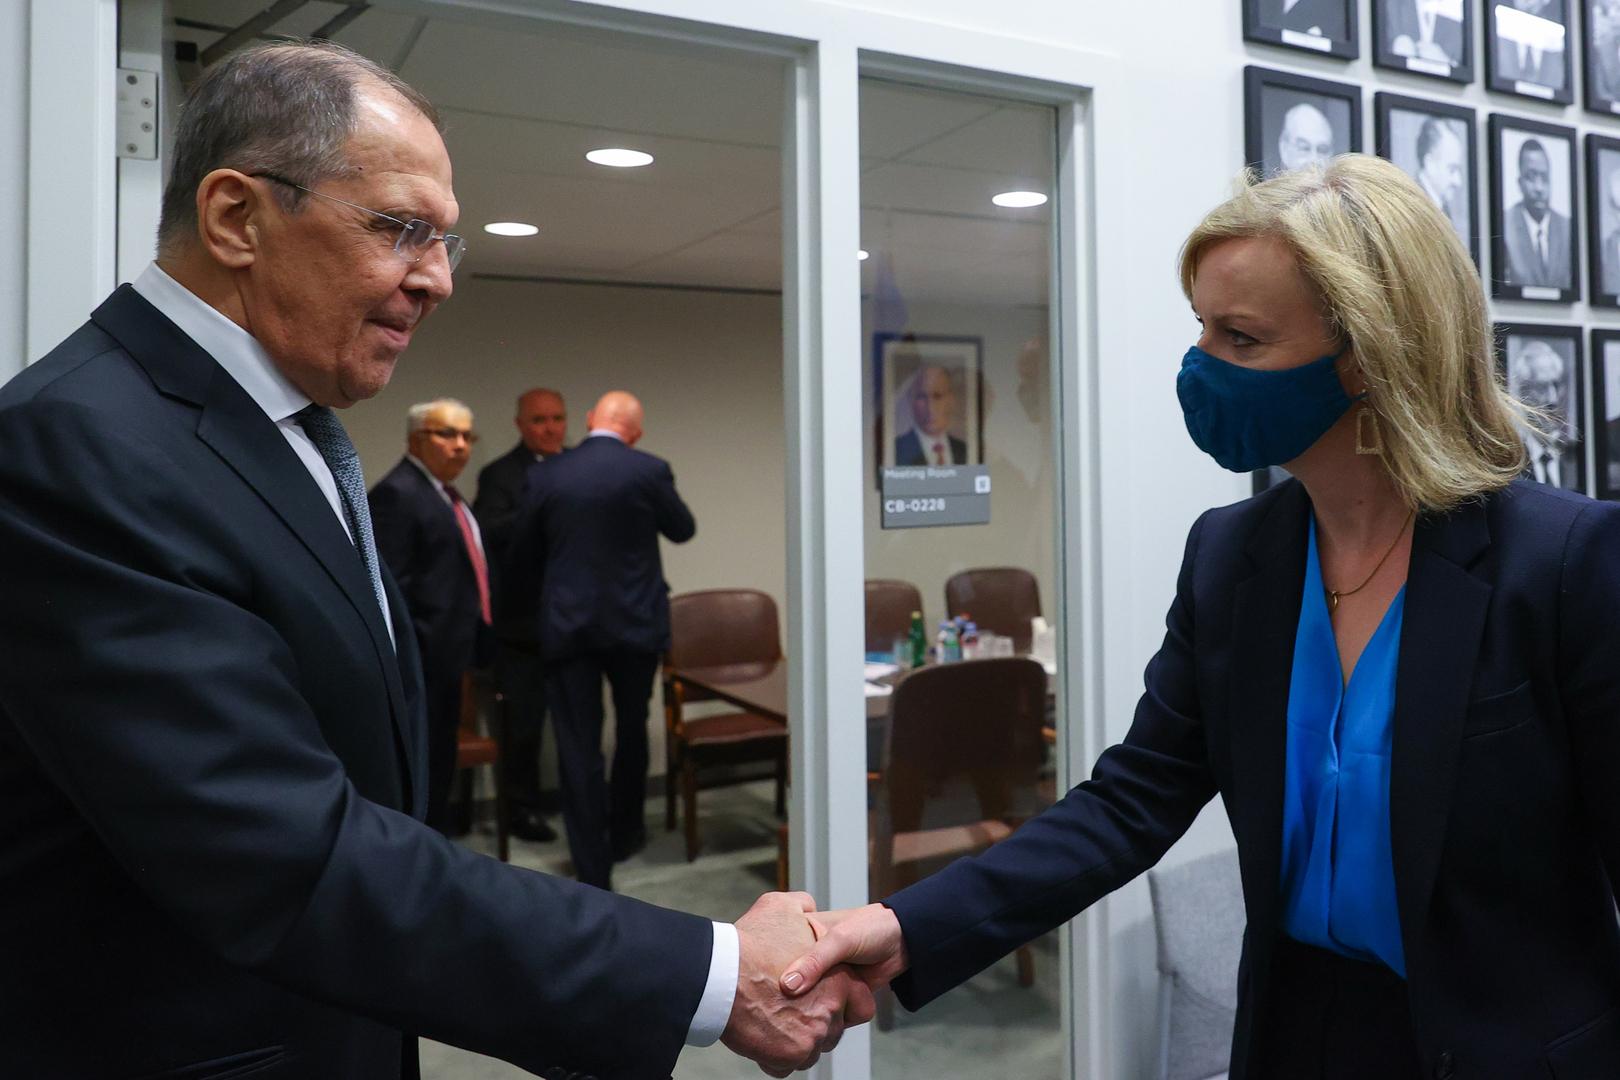 وزيرا خارجية روسيا وبريطانيا يبحثان الاستفزازات الحدودية ونووي إيران والملف الأفغاني